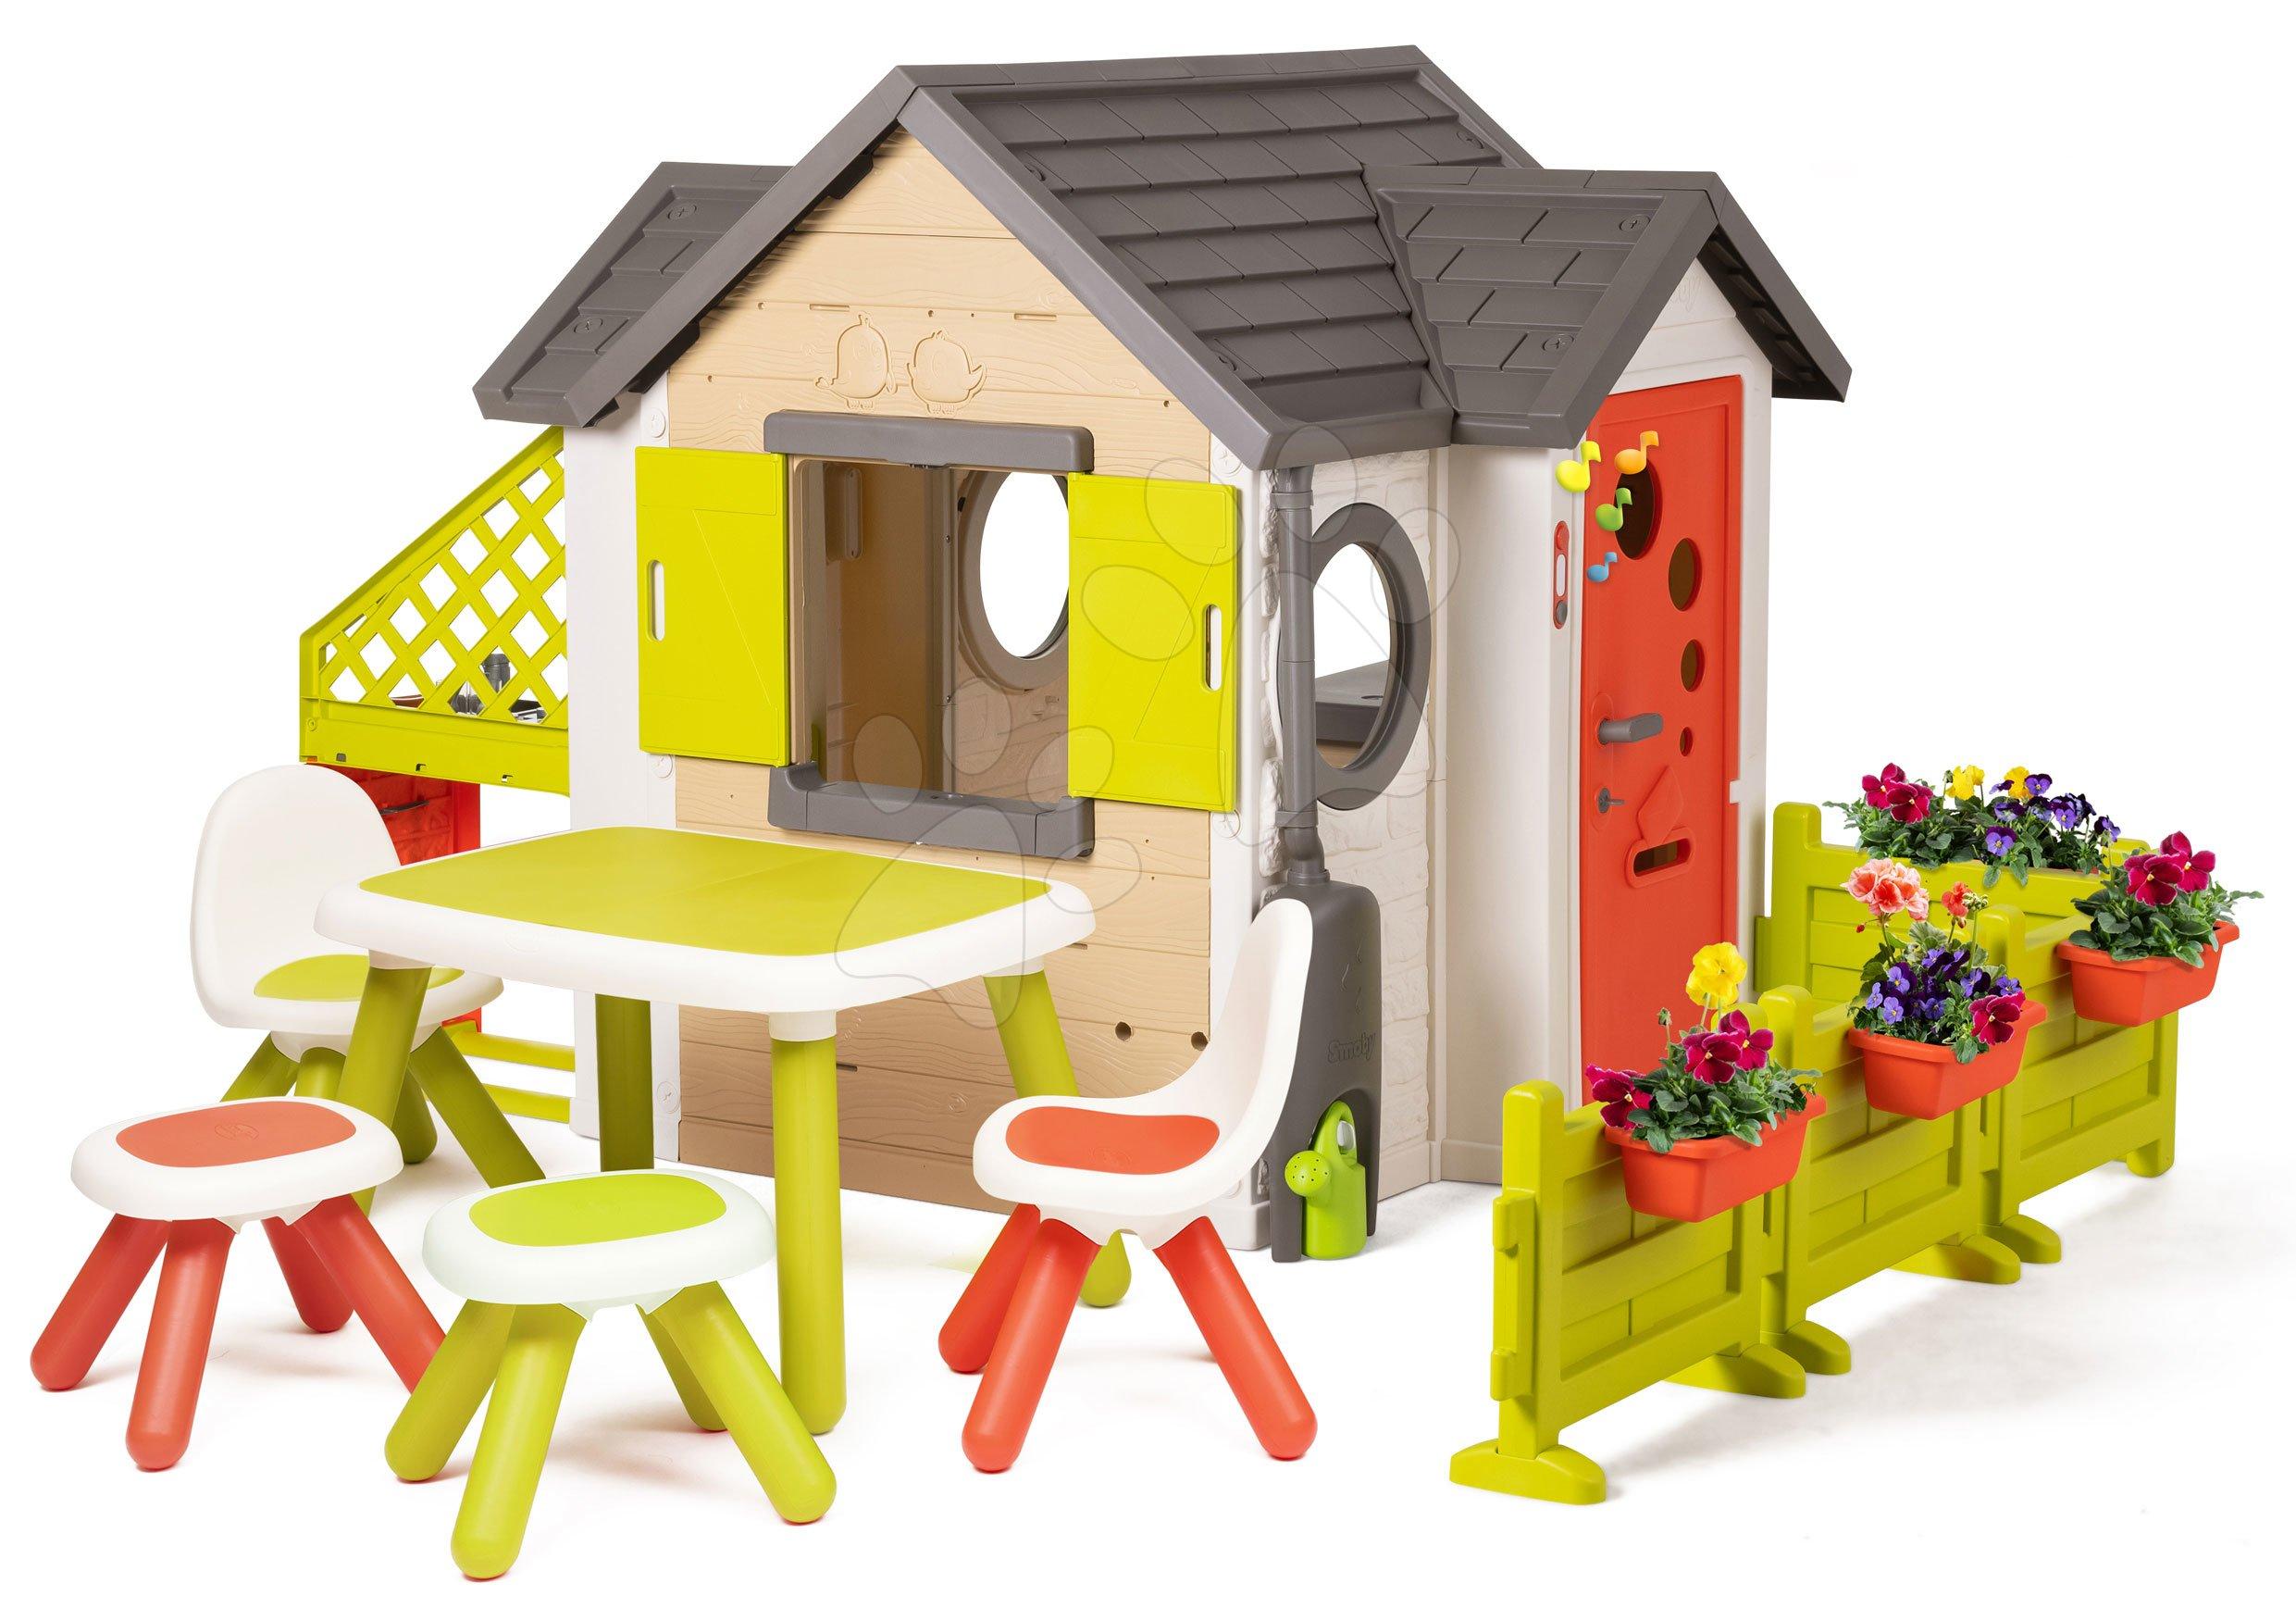 Domček My Neo House DeLuxe Smoby s XL nadstavbovým riešením a stôl s 2 stoličkami a 2 stolčekmi